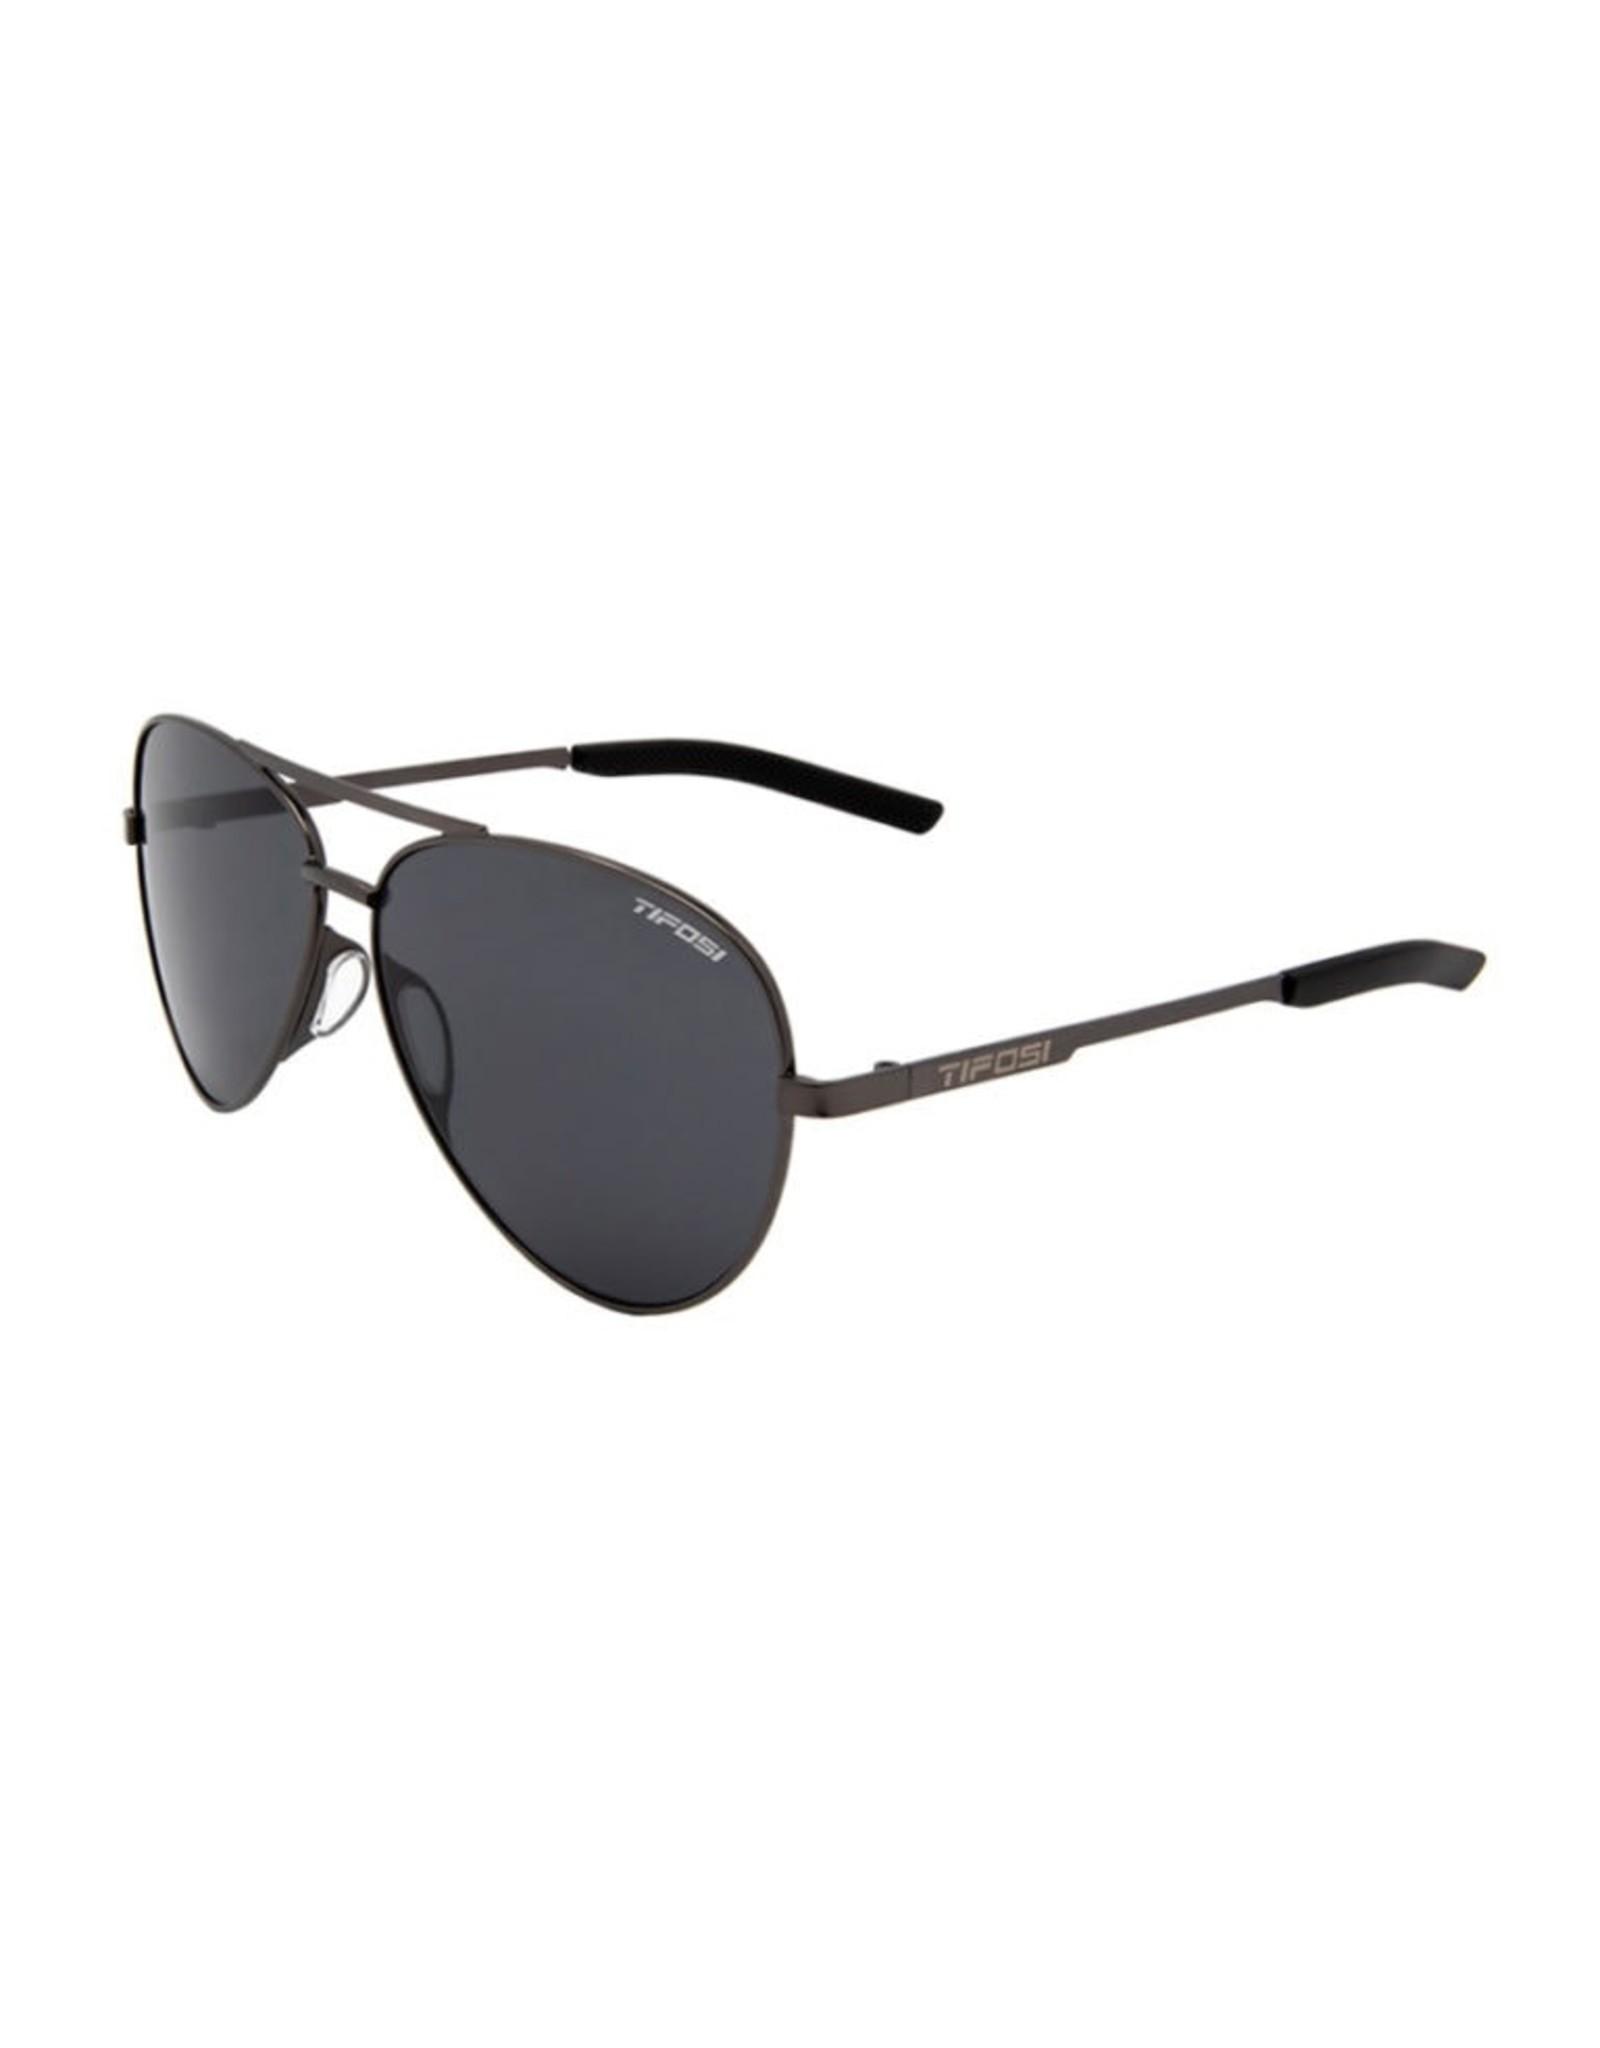 Tifosi Optics Shwae, Graphite Polarized Sunglasses - Smoke Polarized